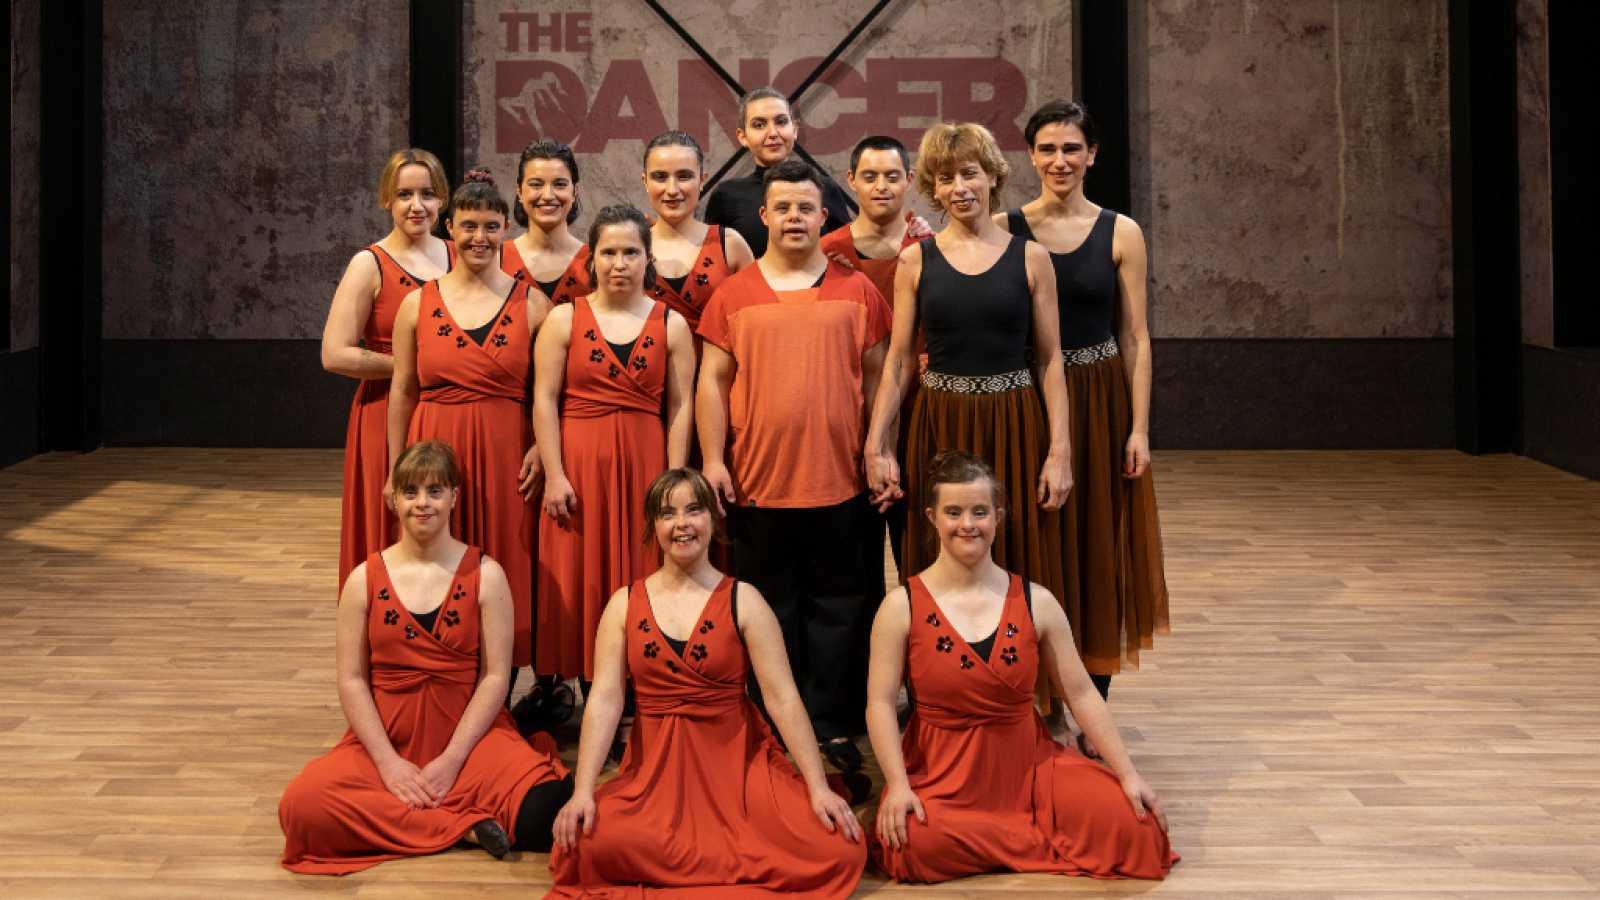 The Dancer - Alegato y actuación de Verdini Dantza Taldea